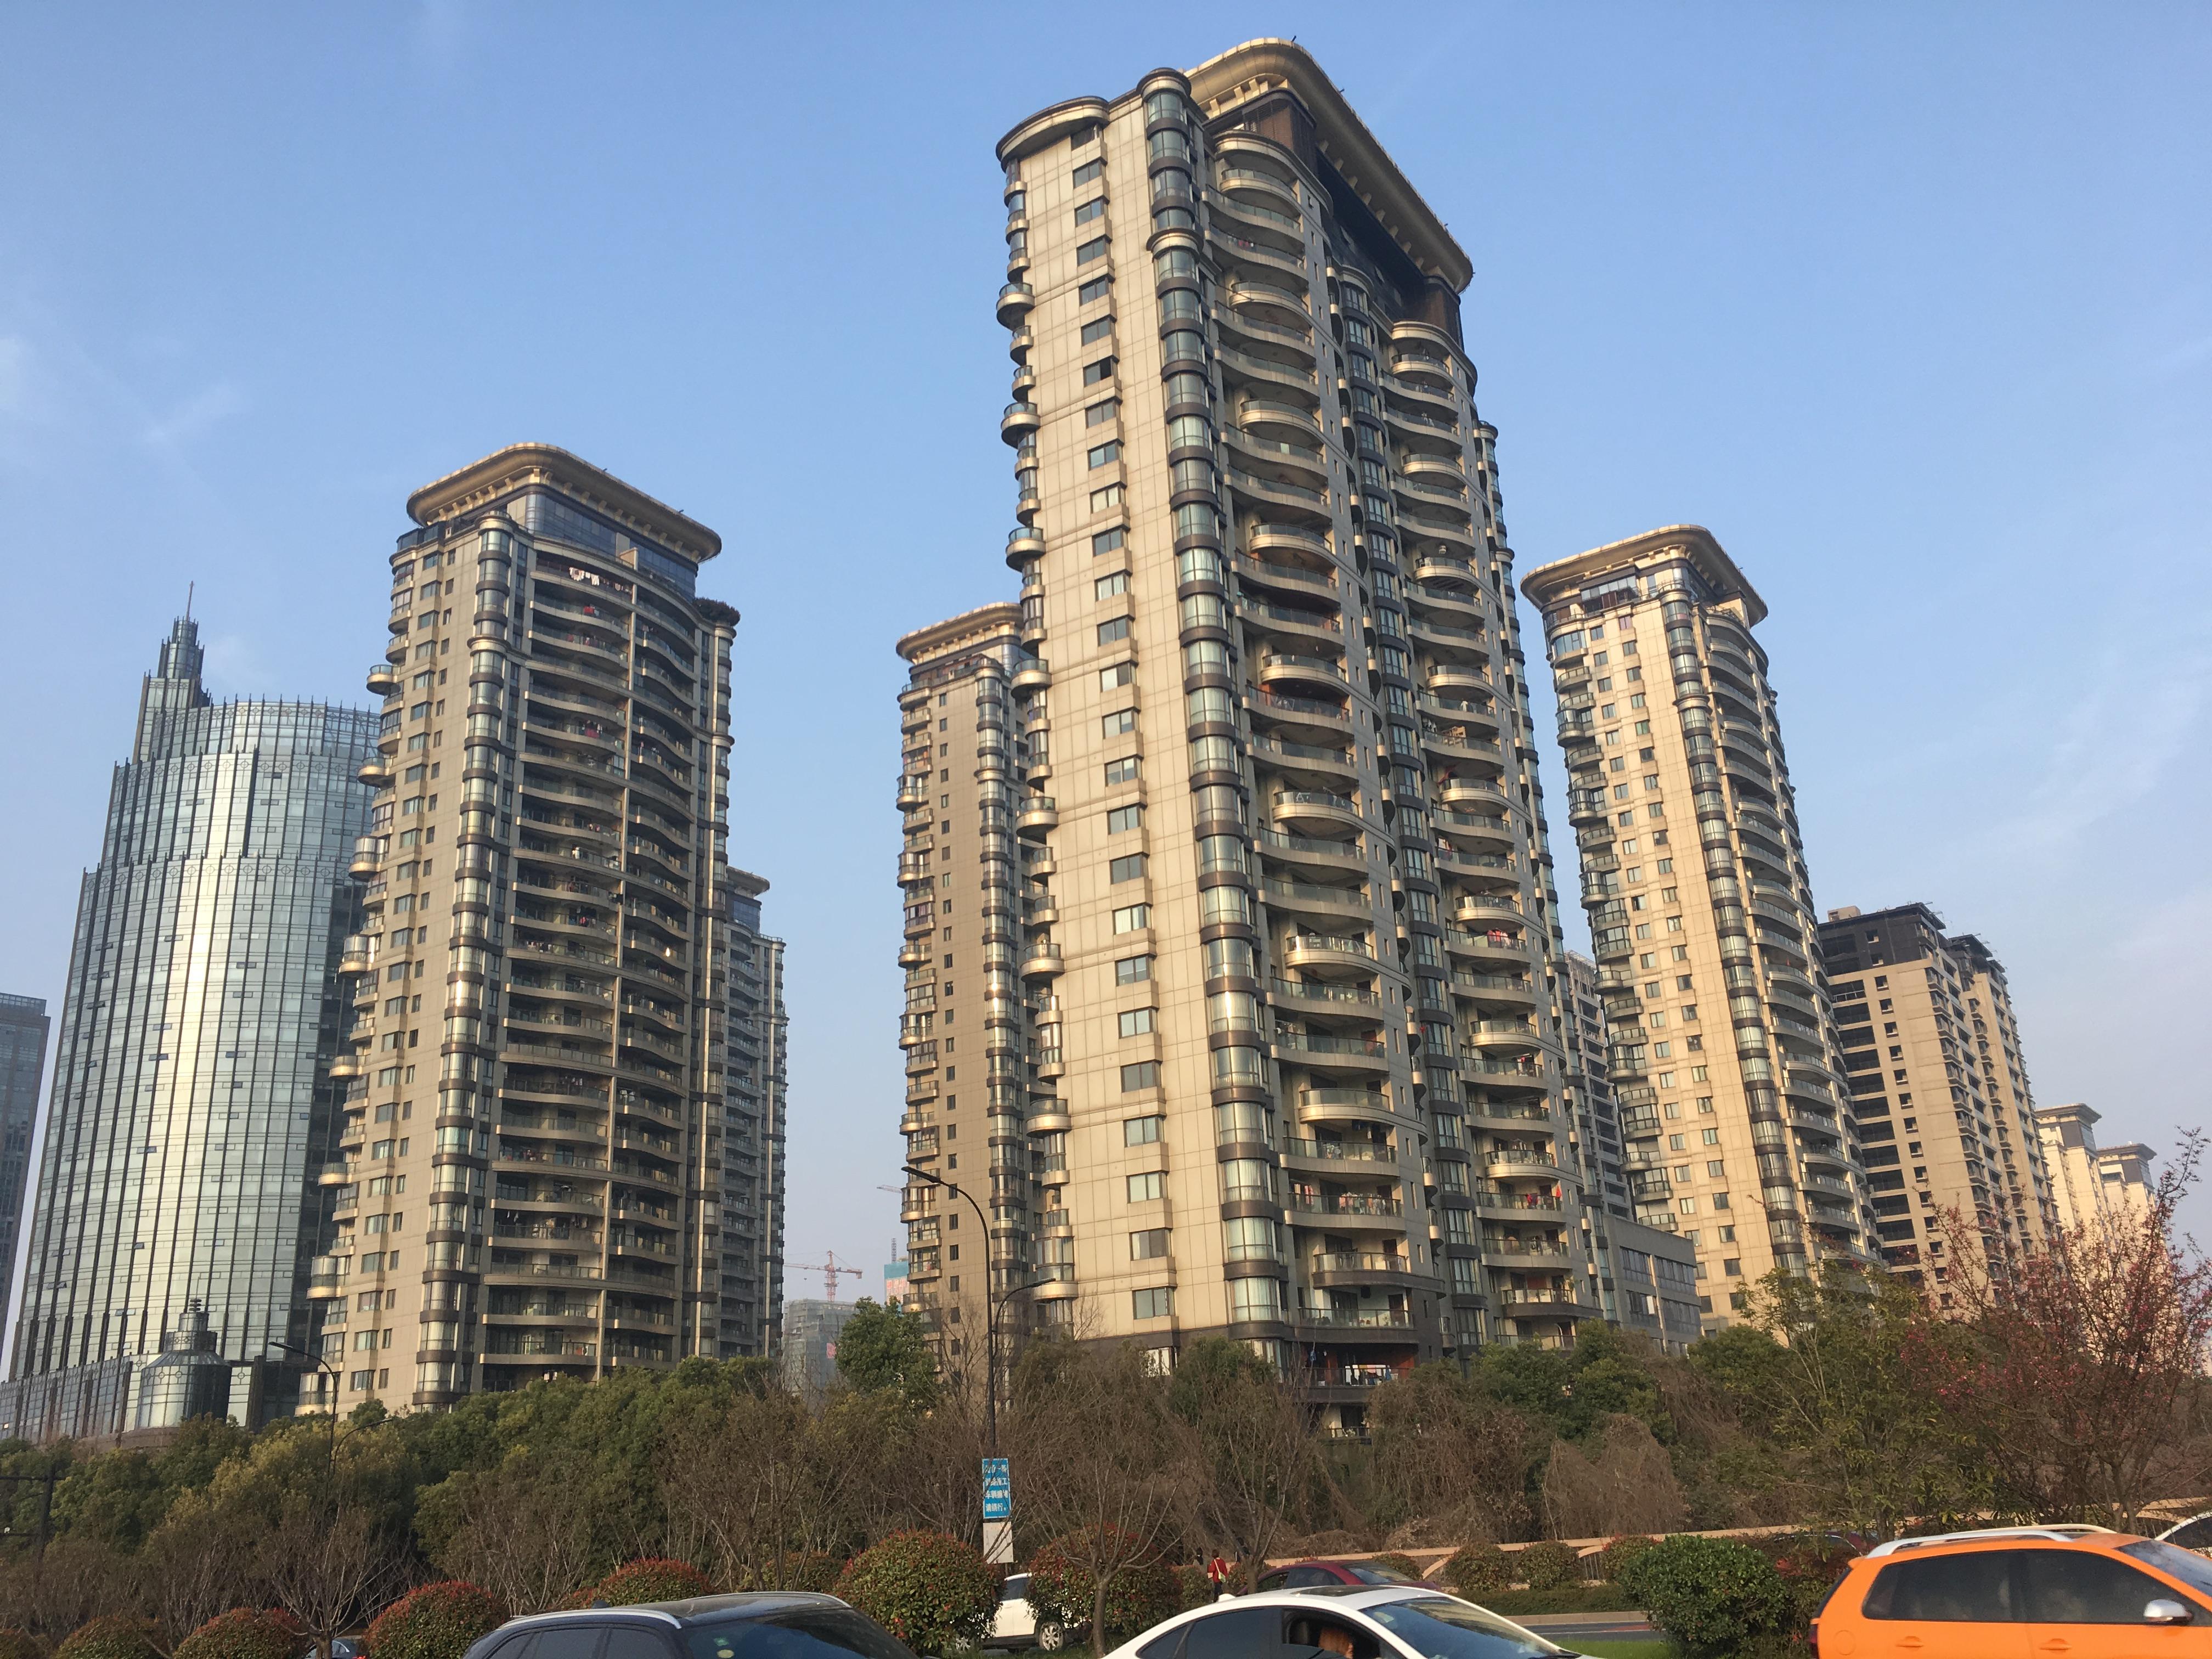 东方一品商铺只卖16500元方,一到三层四本房产证,合计1273平方,房东承担自己的税,建设一路地铁口